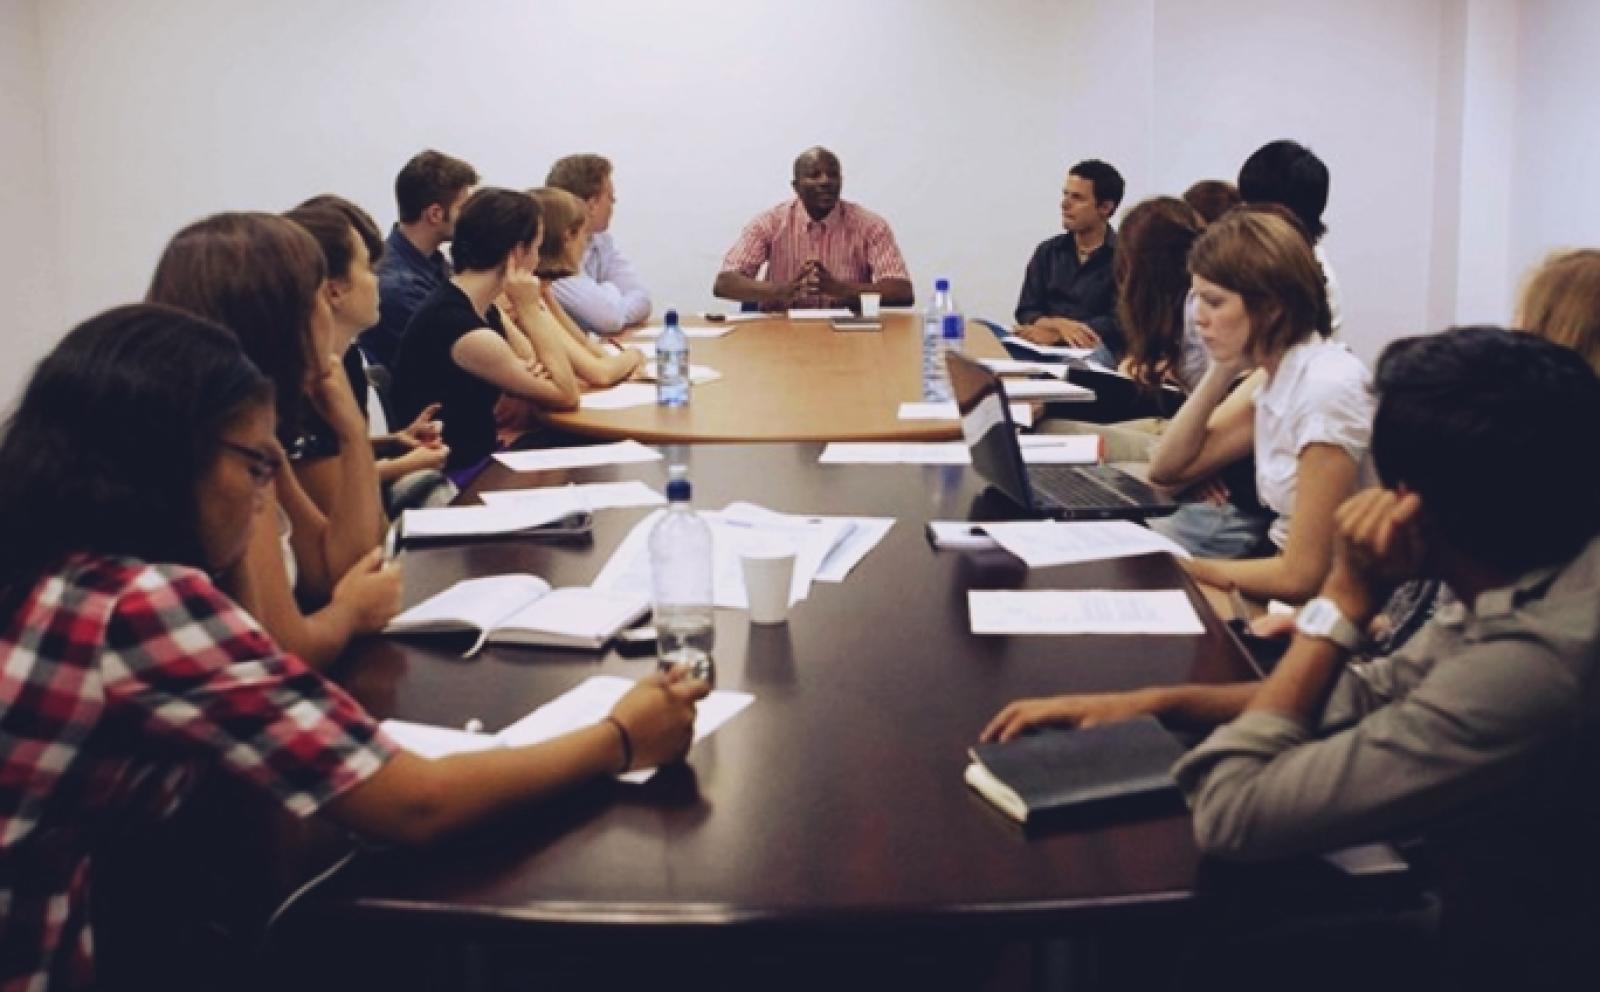 南アフリカ共和国でミーティング中の法律&人権インターン岡野直幸さん